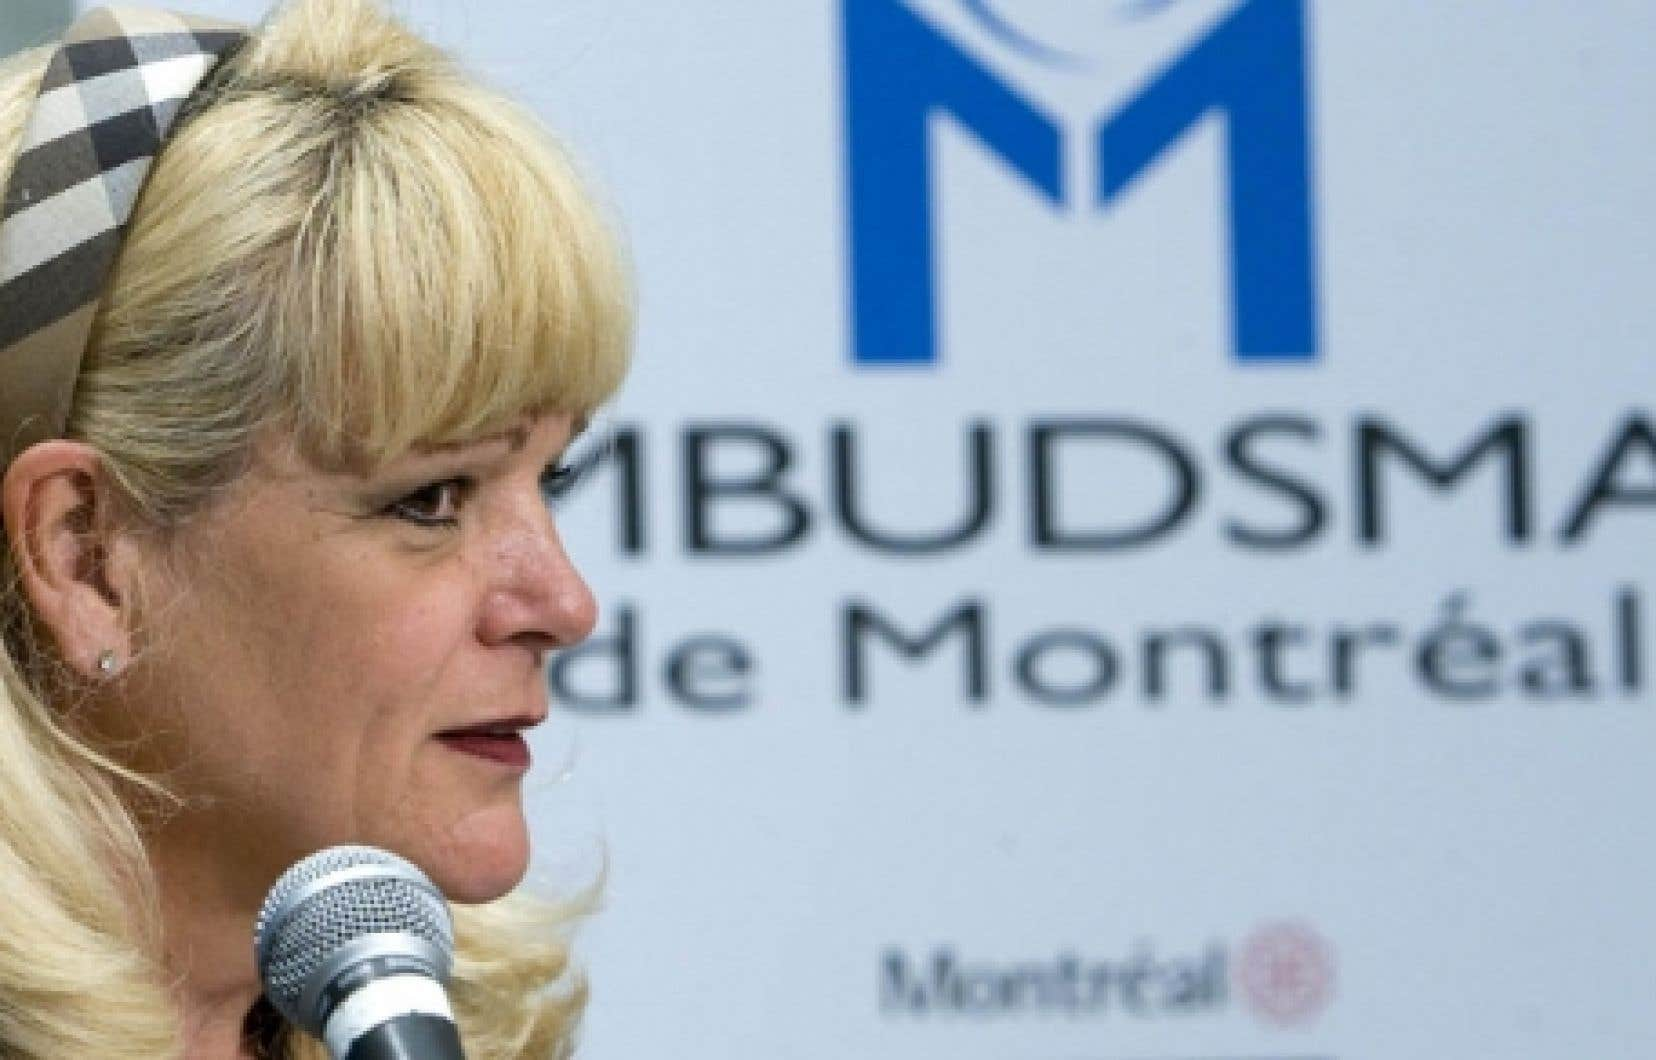 L'ombudsman de la Ville de Montréal, Johanne Savard, a remporté sa bataille contre le Service du capital humain de Montréal, qui avait bloqué l'embauche de deux avocats à son bureau.